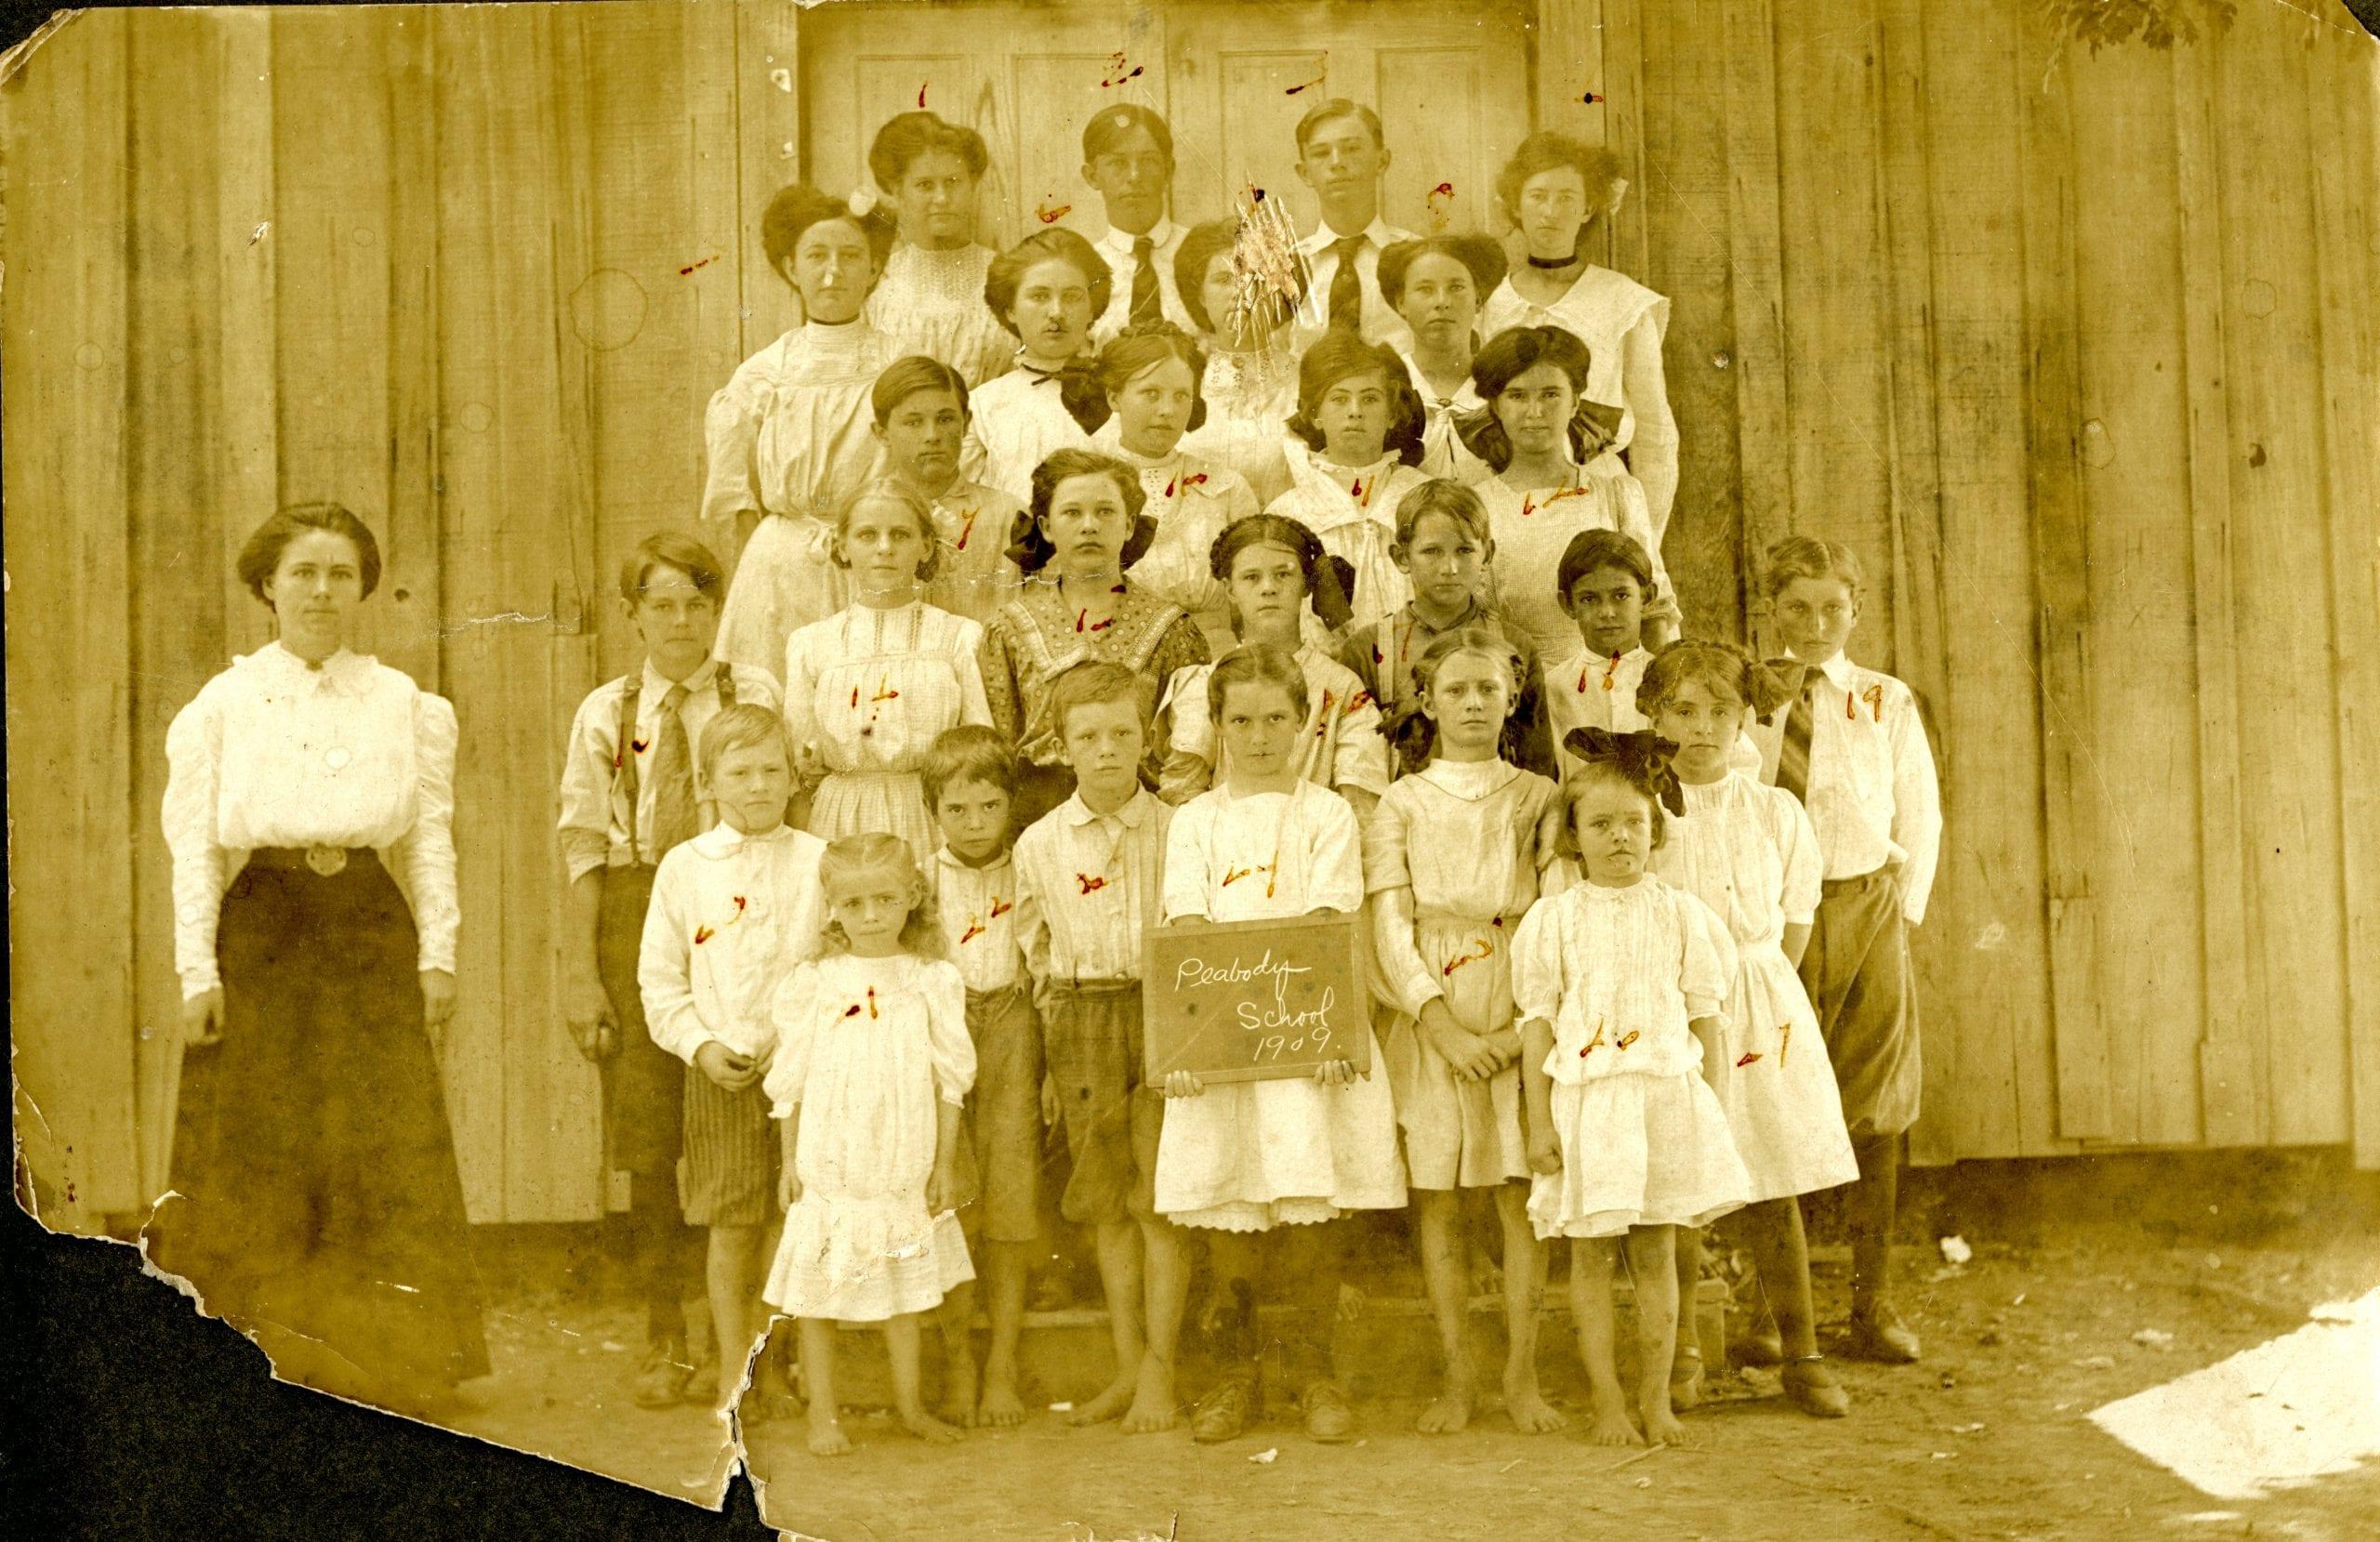 1900's – Peabody School in Tupelo